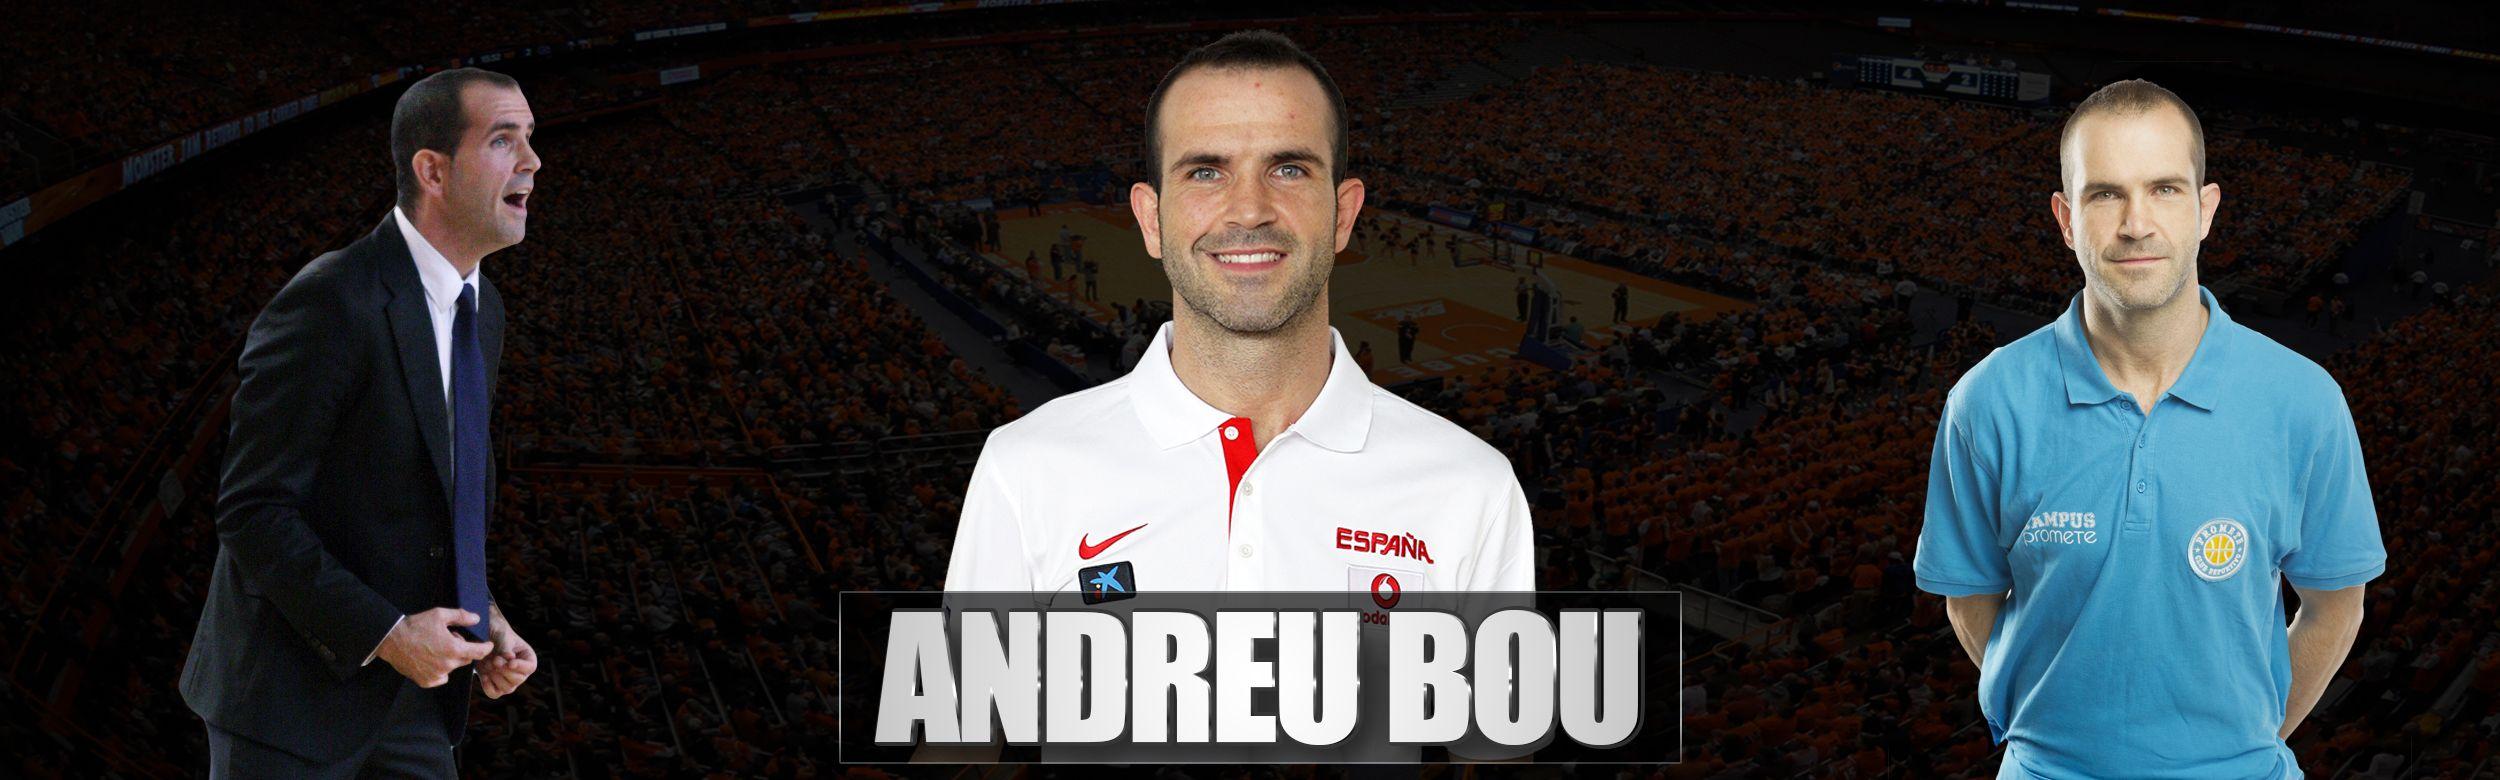 Andreu Bou